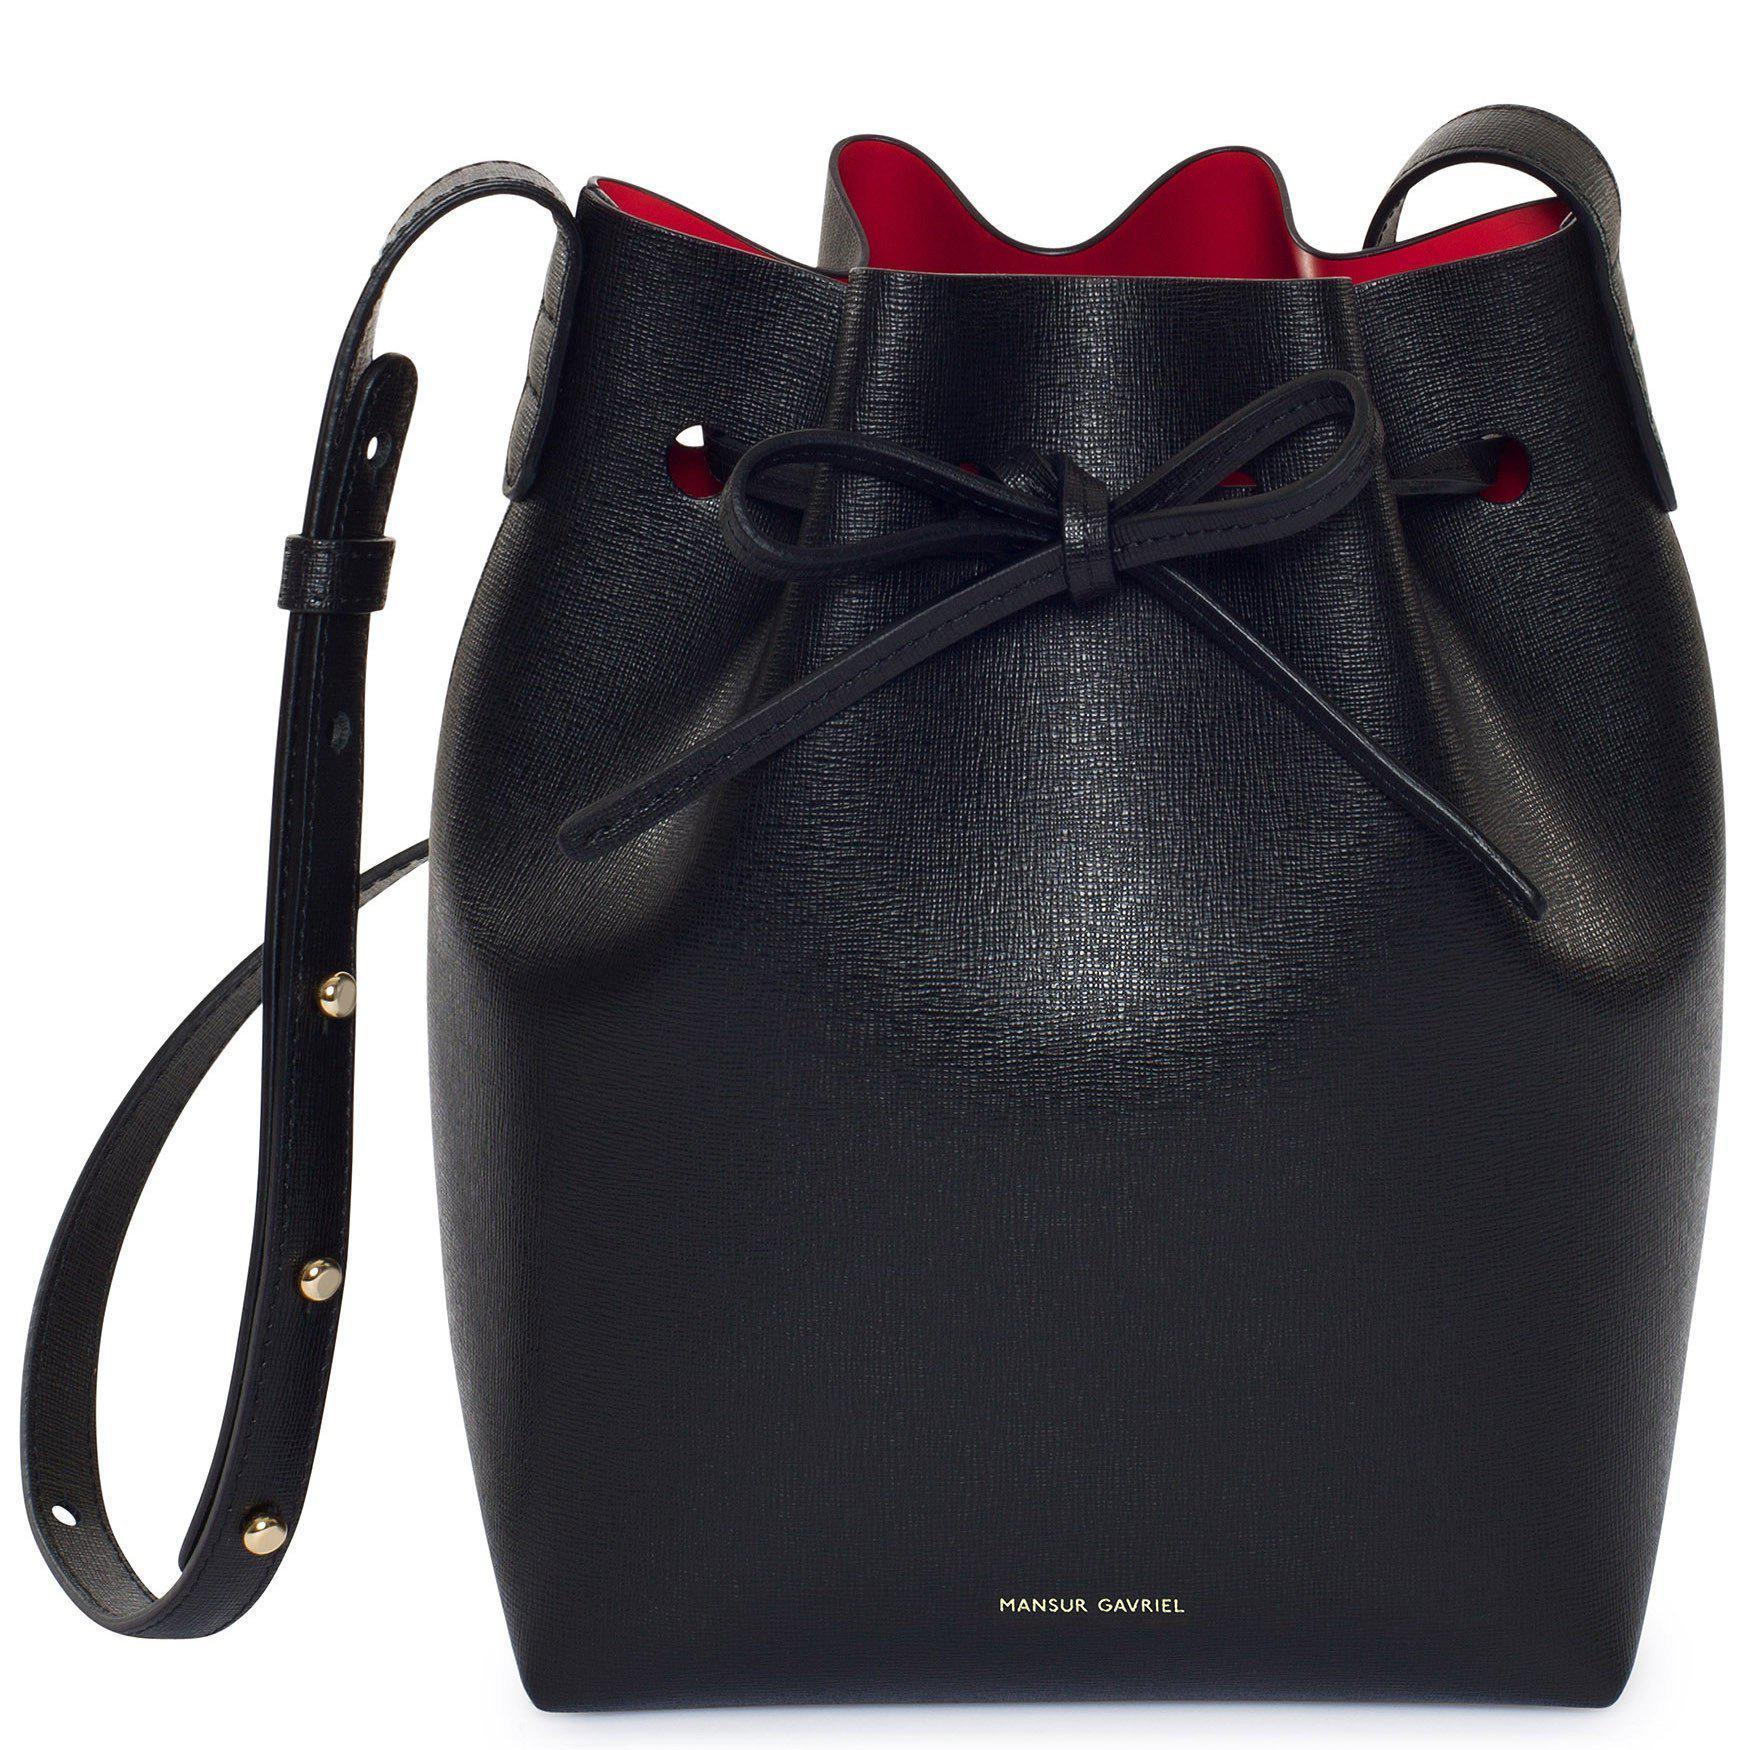 Mansur Gavriel Saffiano Mini Bucket Bag Black Flamma Lyst View Fullscreen